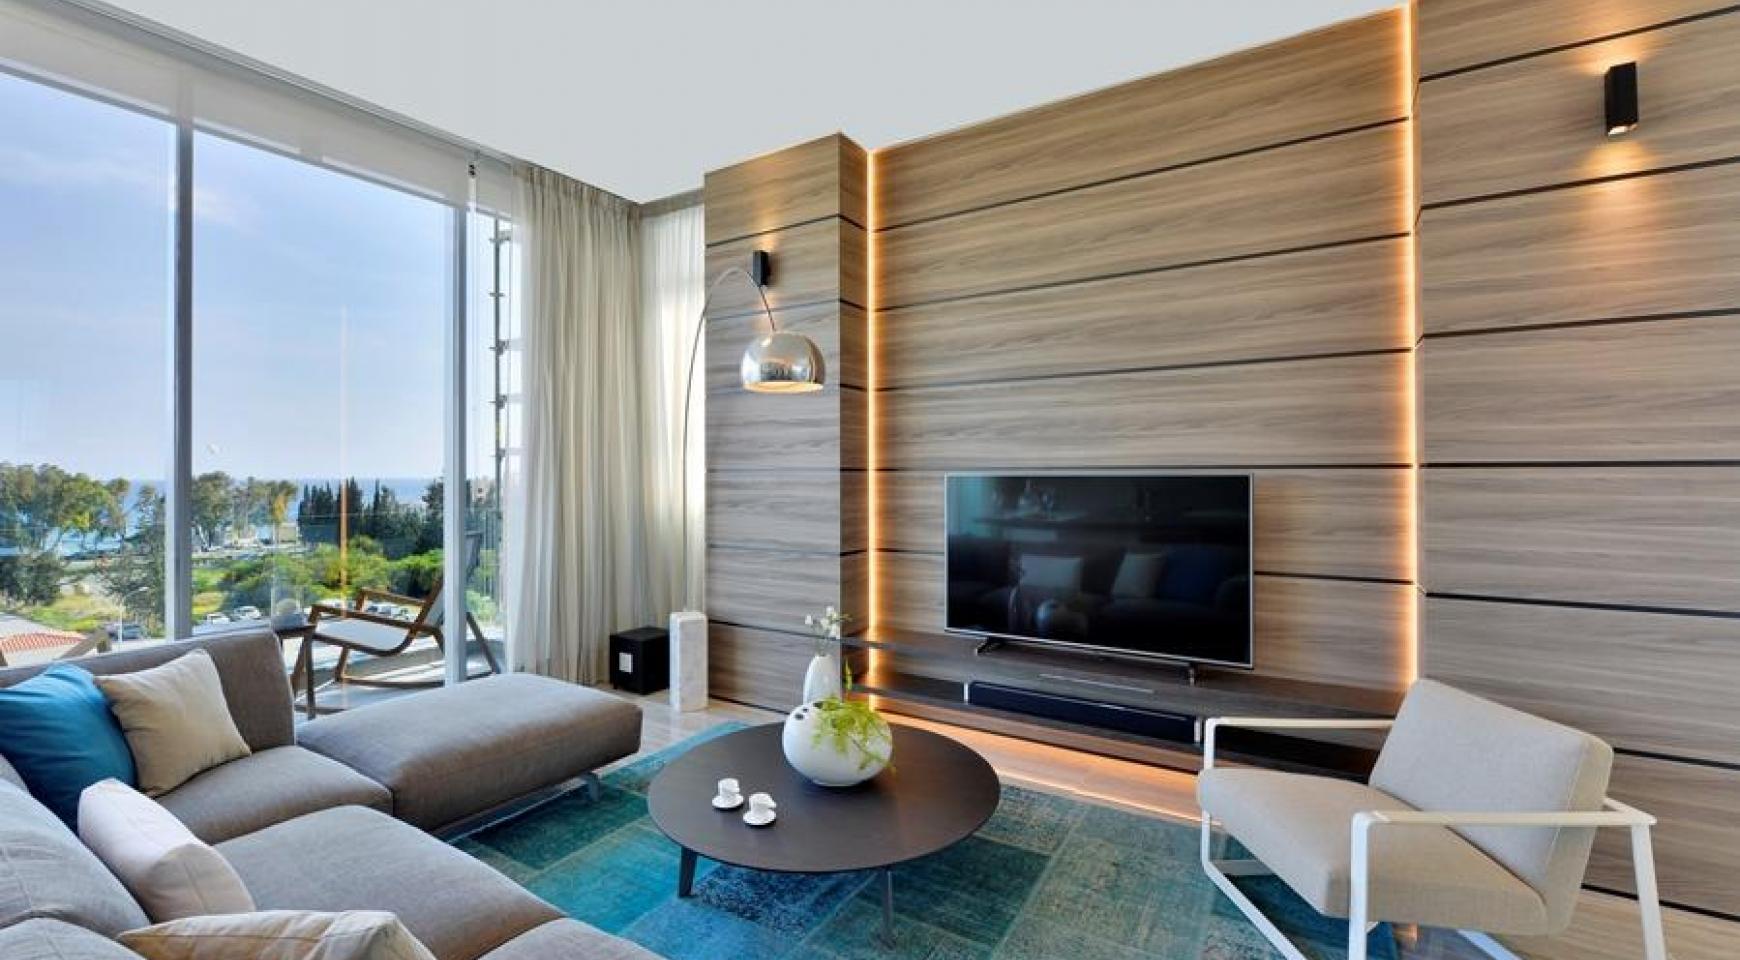 Новая Элитная 2-Спальная Квартира с Видом на Море в Туристической Зоне - 2